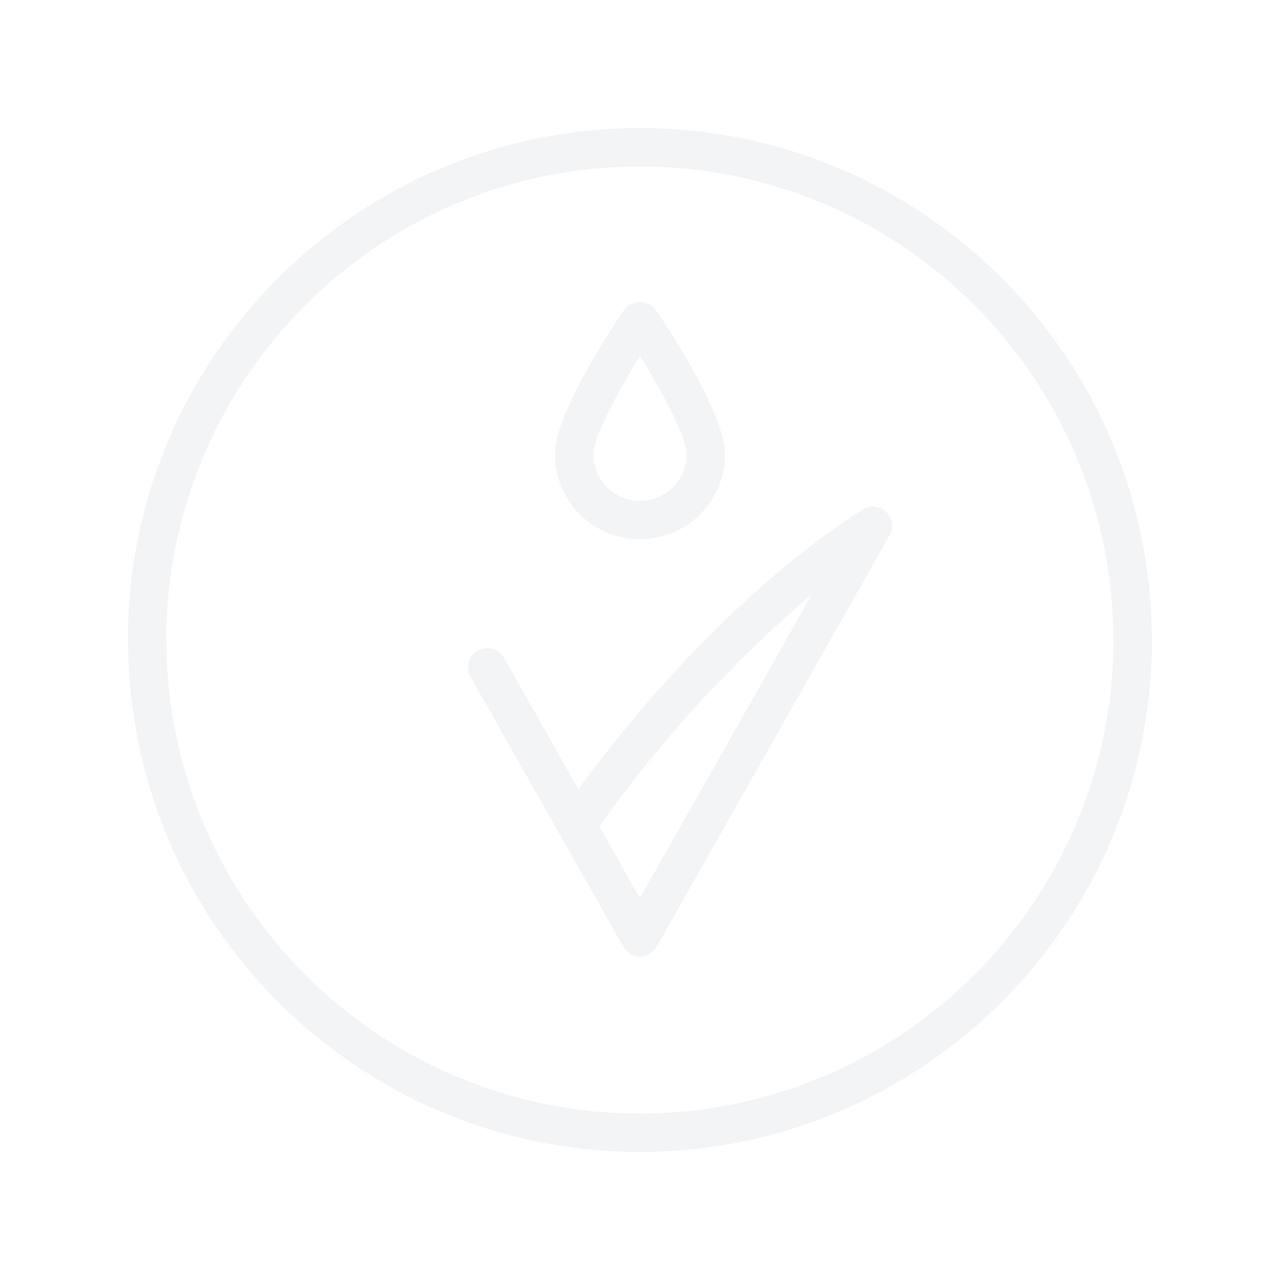 CLINIQUE Cheek Pop 3.5g